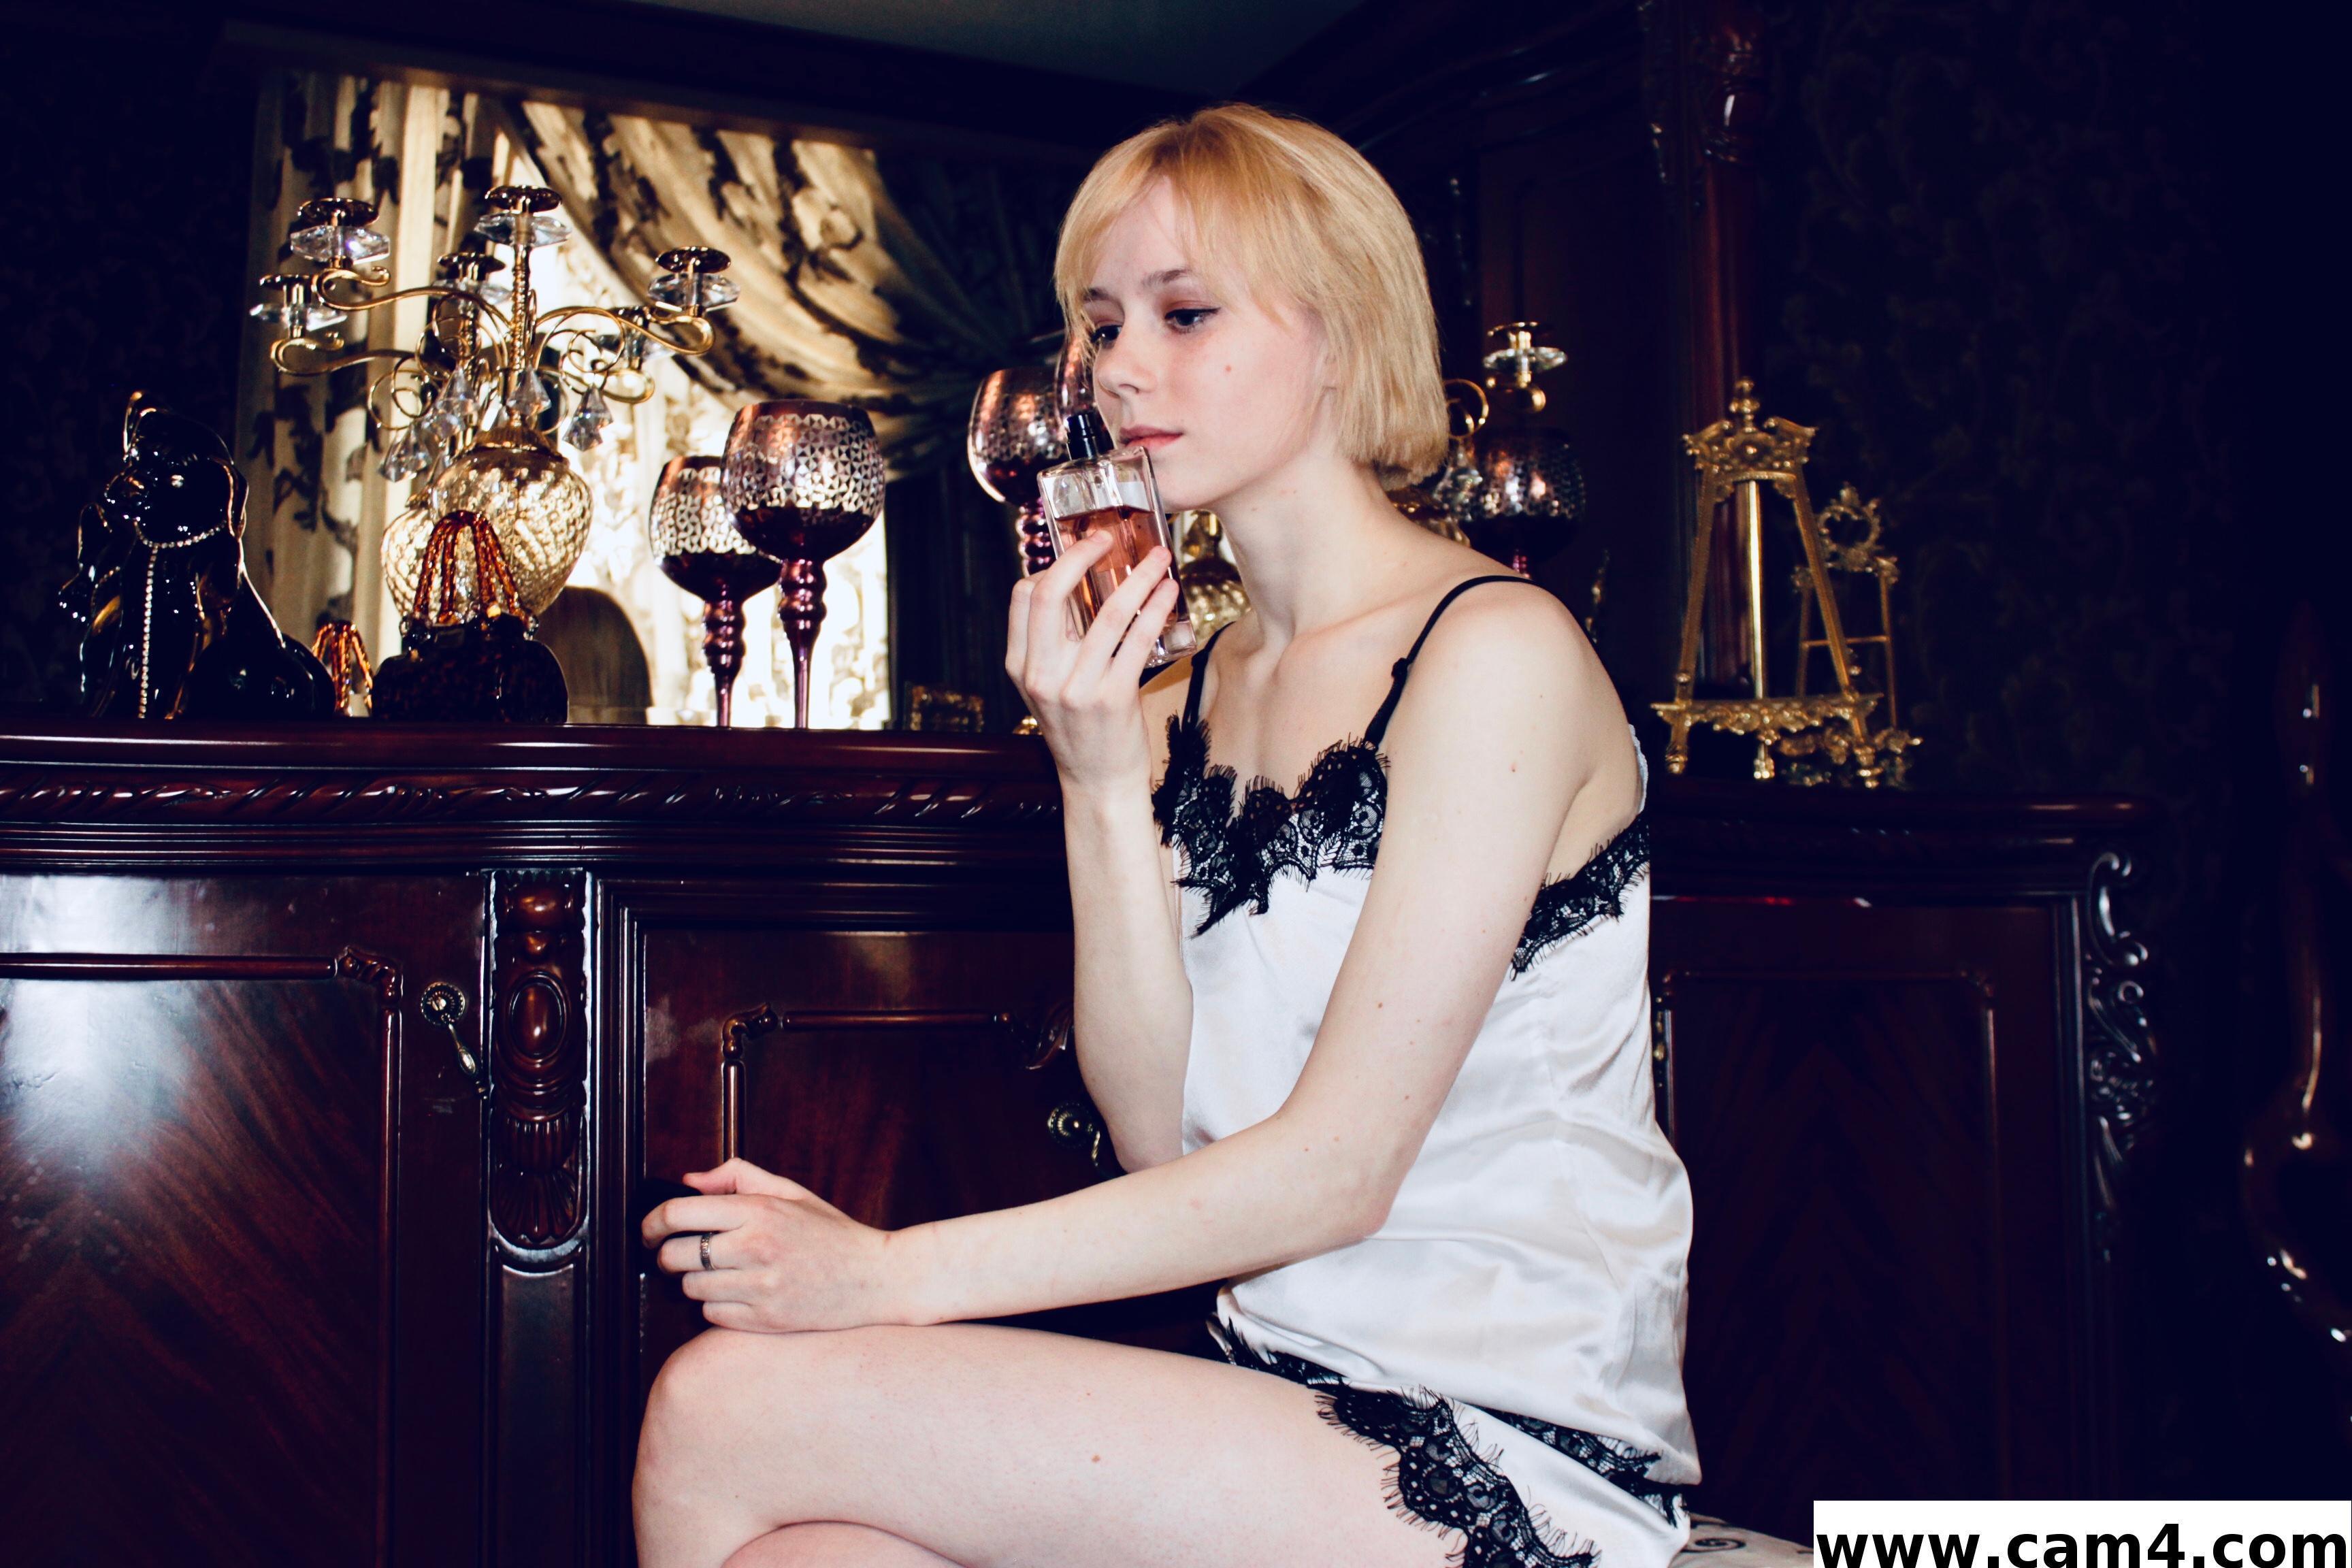 Lily your angel?s=ztyhy6+kt52u5ekfblnur2lh6zjavdcsoymgonolpog=